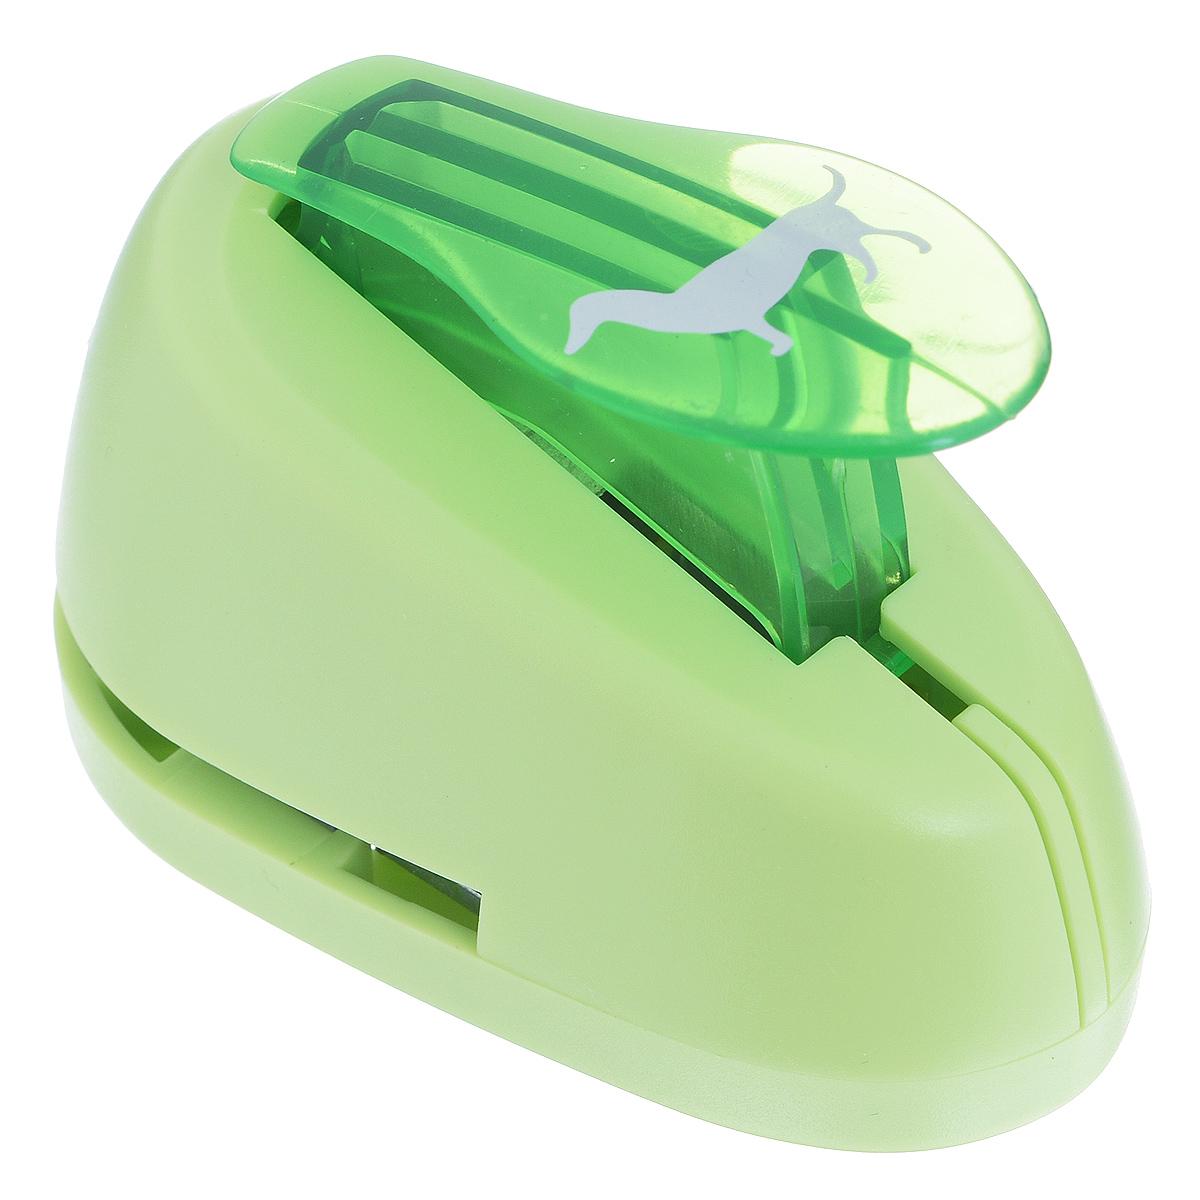 Дырокол фигурный Астра Такса. CD-99M7709605_53Дырокол Астра Такса поможет вам легко, просто и аккуратно вырезать много одинаковых мелких фигурок. Режущие части компостера закрыты пластмассовым корпусом, что обеспечивает безопасность для детей. Вырезанные фигурки накапливаются в специальном резервуаре. Можно использовать вырезанные мотивы как конфетти или для наклеивания.Дырокол подходит для разных техник: декупажа, скрапбукинга, декорирования.Размер дырокола: 8 см х 5 см х 5 см. Размер готовой фигурки: 2,3 см х 1,3 см.